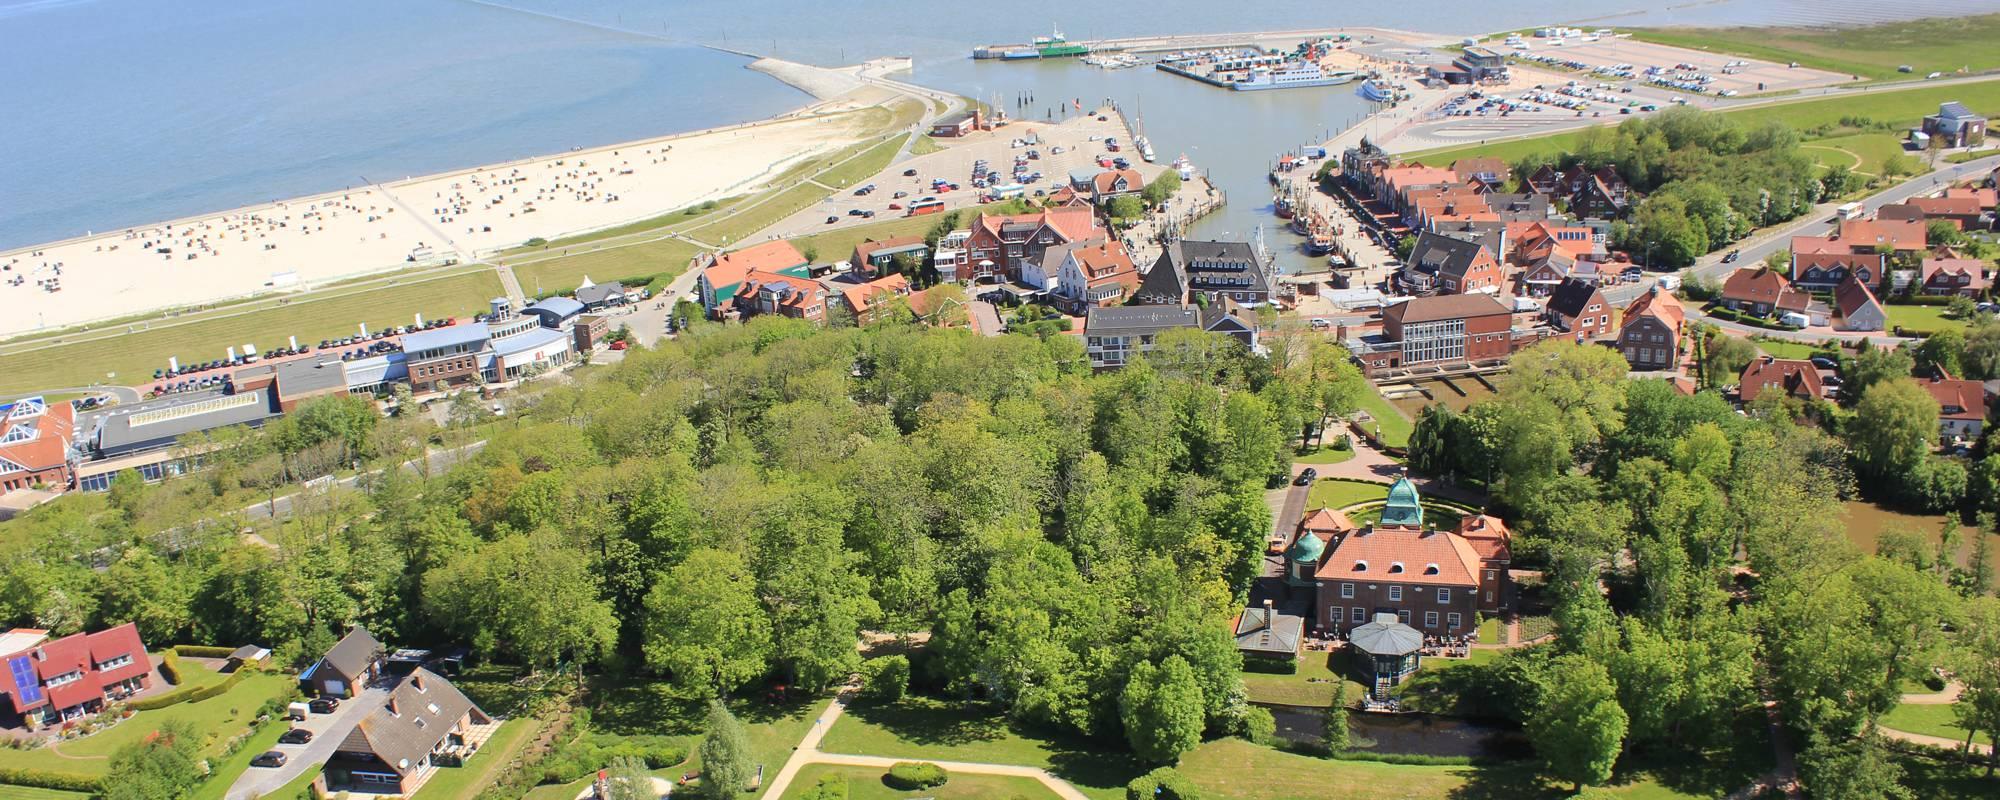 Neuharlingersiel Luftaufnahme mit Sielhof und Kutterhafen